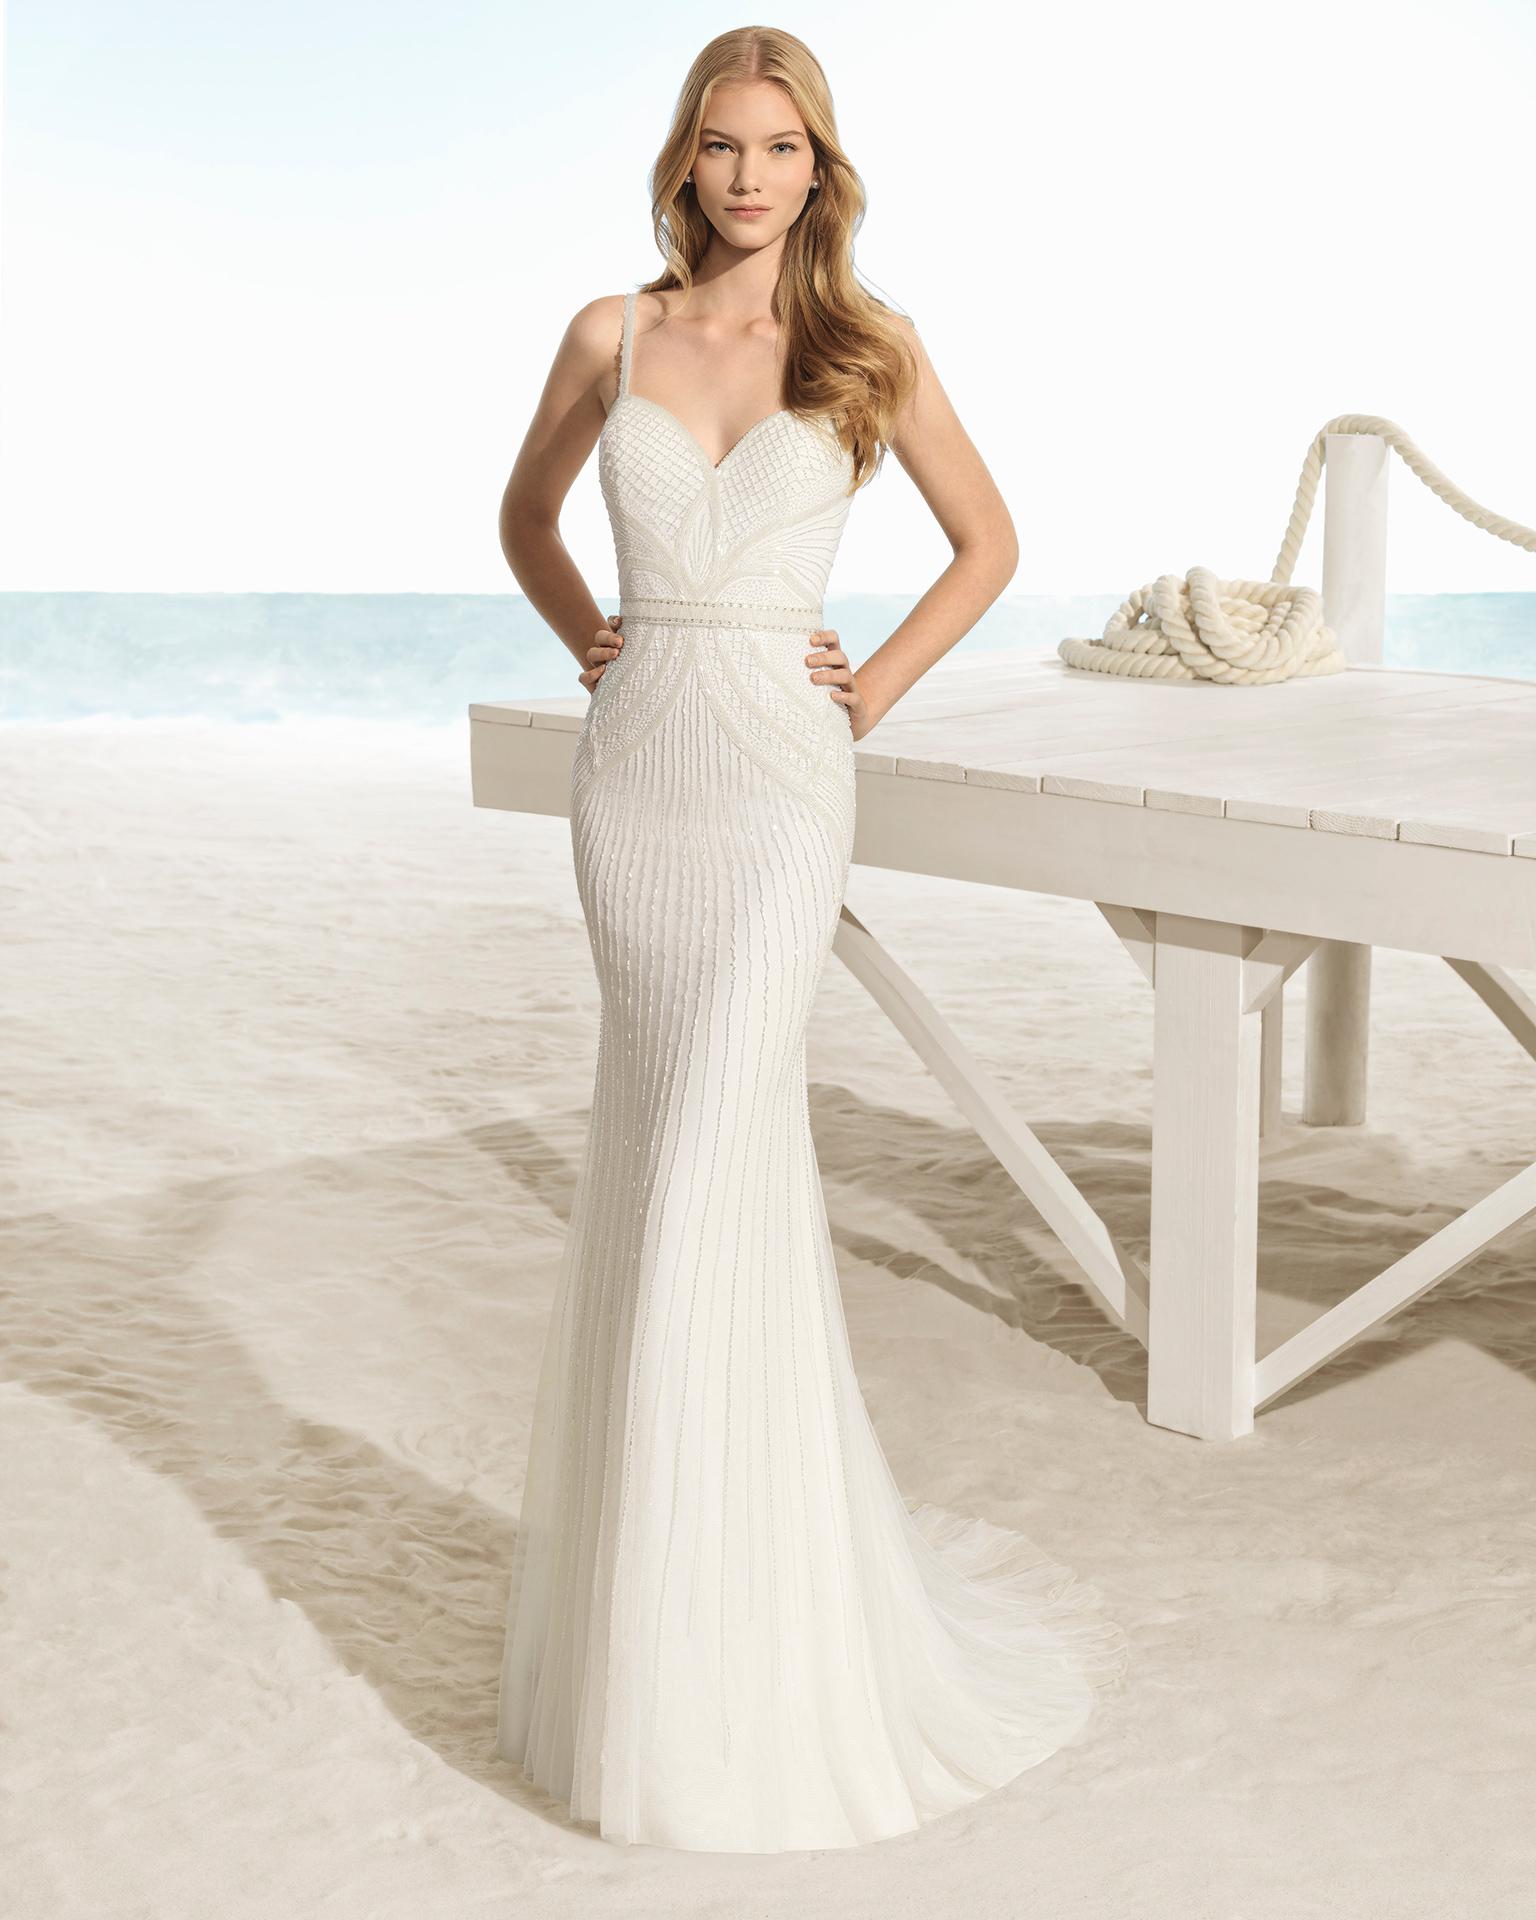 فستان زفاف ذو نمط بوهيمي، مزيّن بالخرز وذو تقويرة رومنسية وفتحة ظهر على شكل